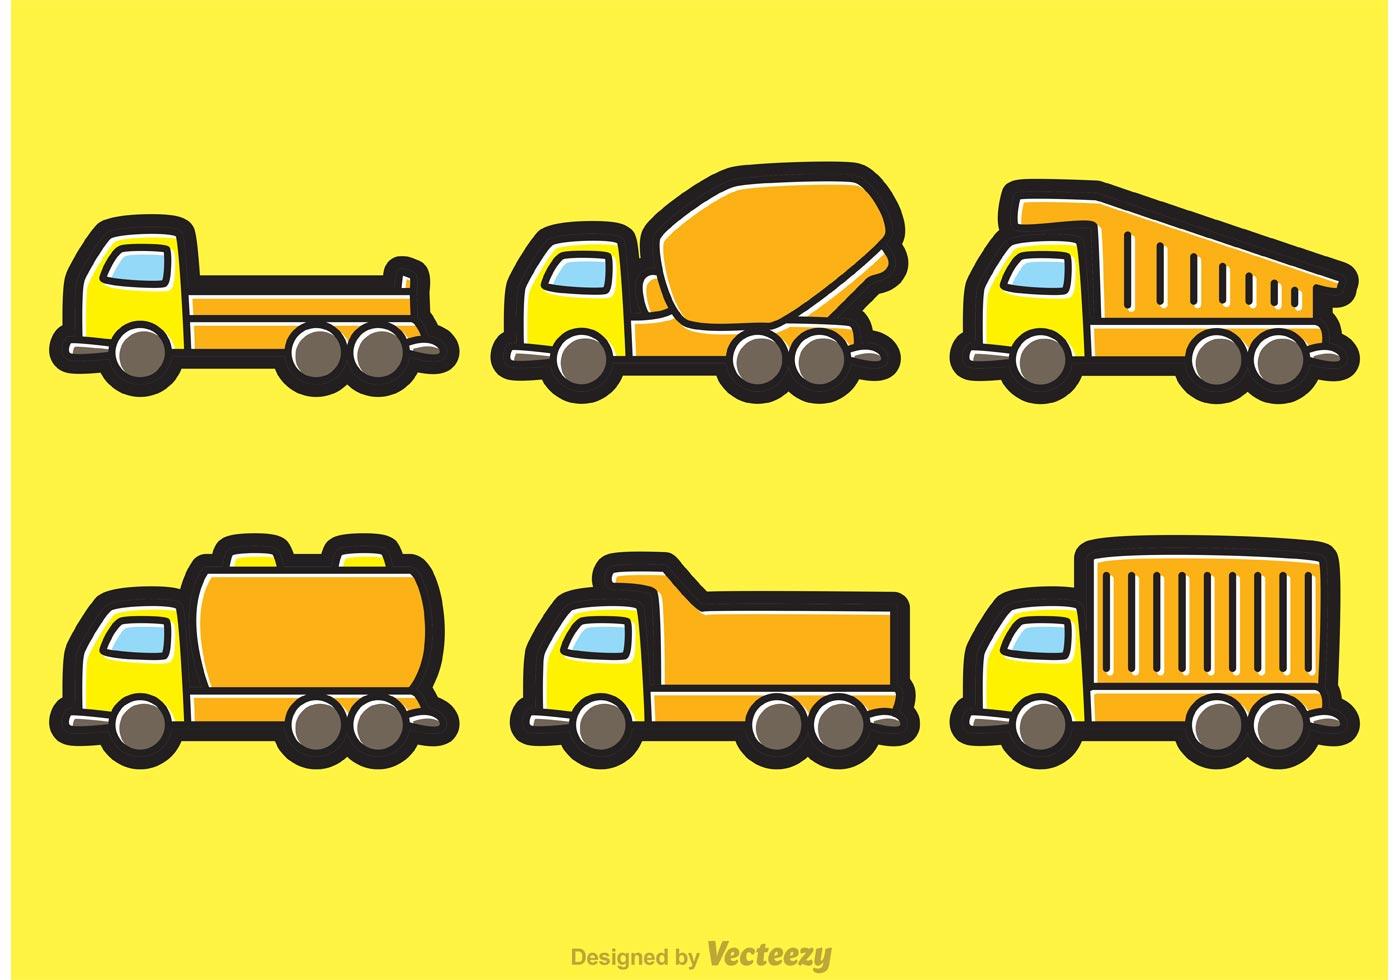 1400x980 Dump Trucks Cartoon Vectors